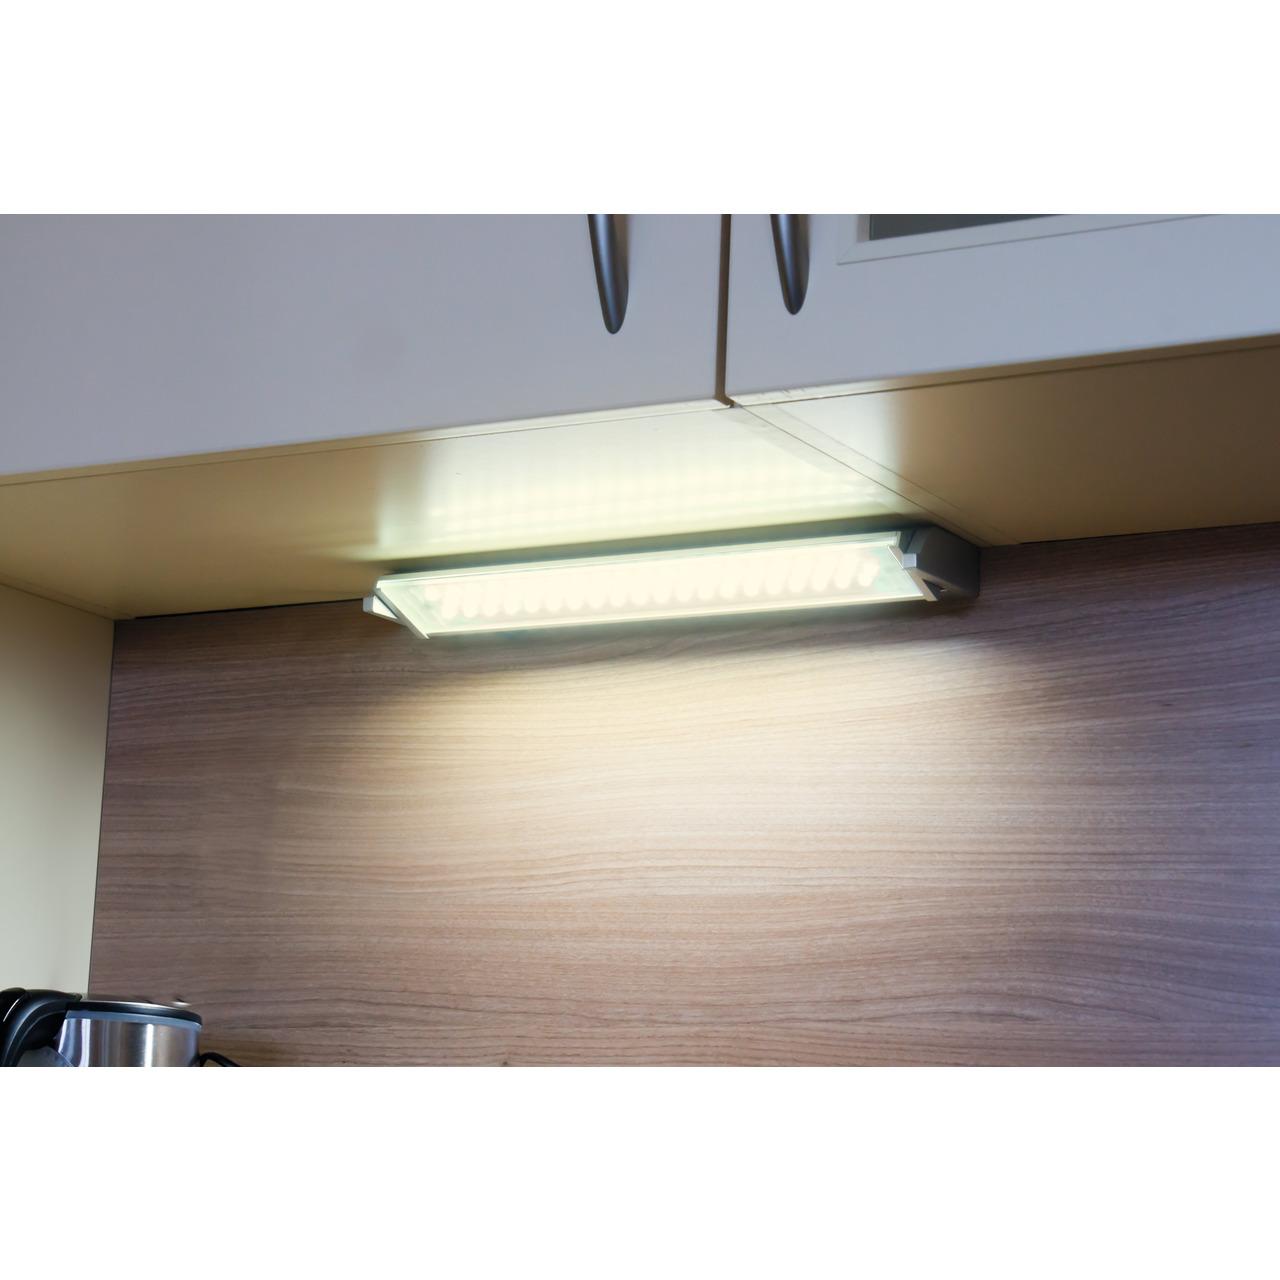 Heitronic Schwenkbare LED-Unterbauleuchte MIAMI- 15 W- 980 lm- warmweiund-223 - 91 cm